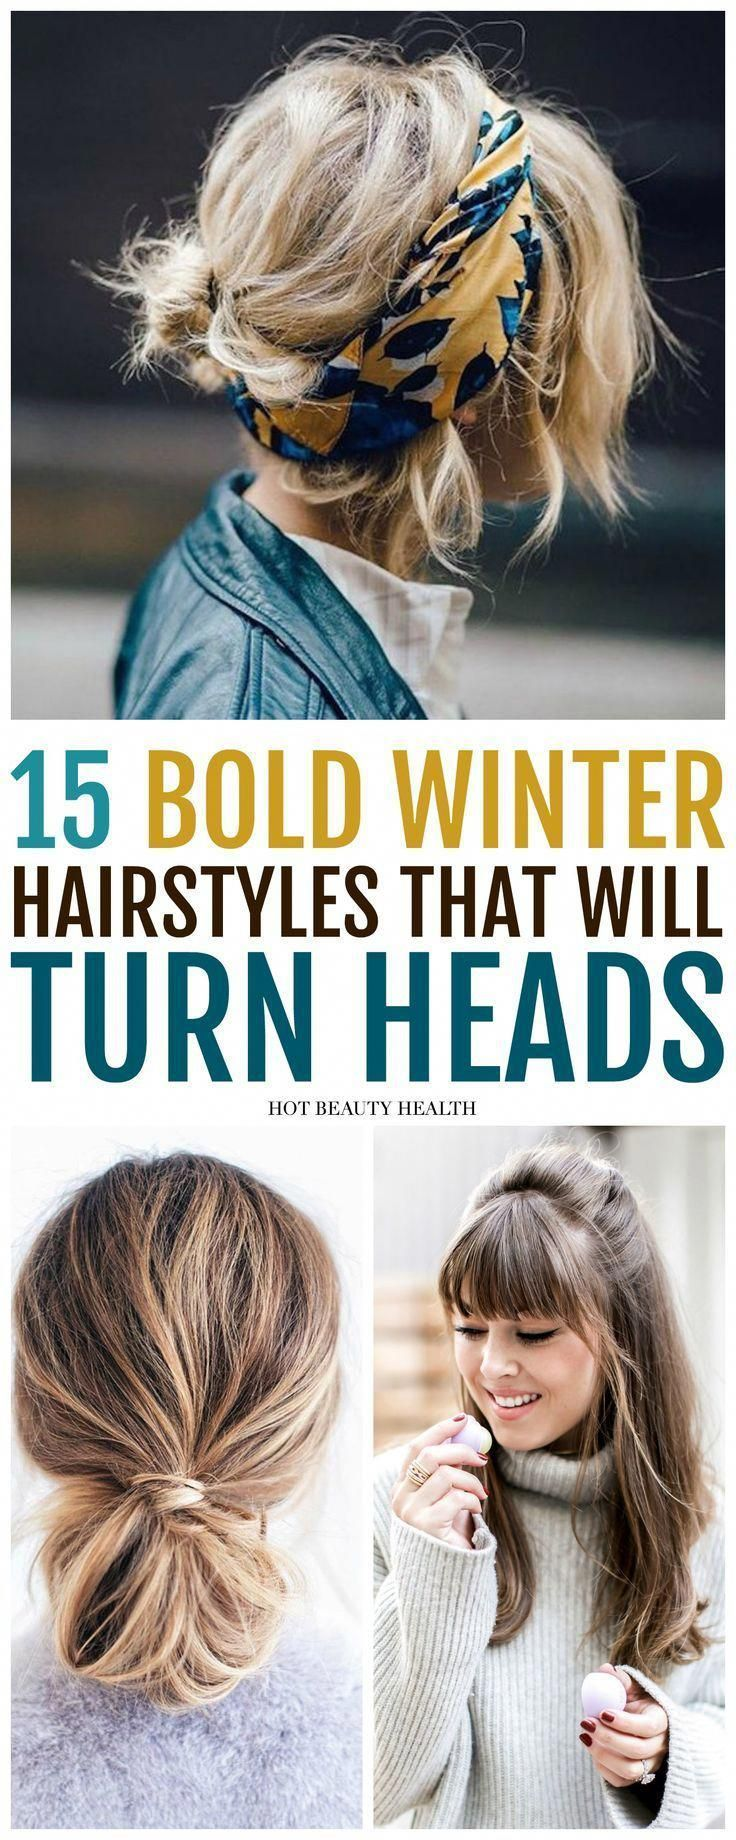 15 einfache kühne Frisuren, die diesen Winter mit Sicherheit eine Aussage machen werden. Finden Sie einen Stil für langes Haar, mittlere, kurze, Pony oder für schwarze Frauen mit lockigem Haar